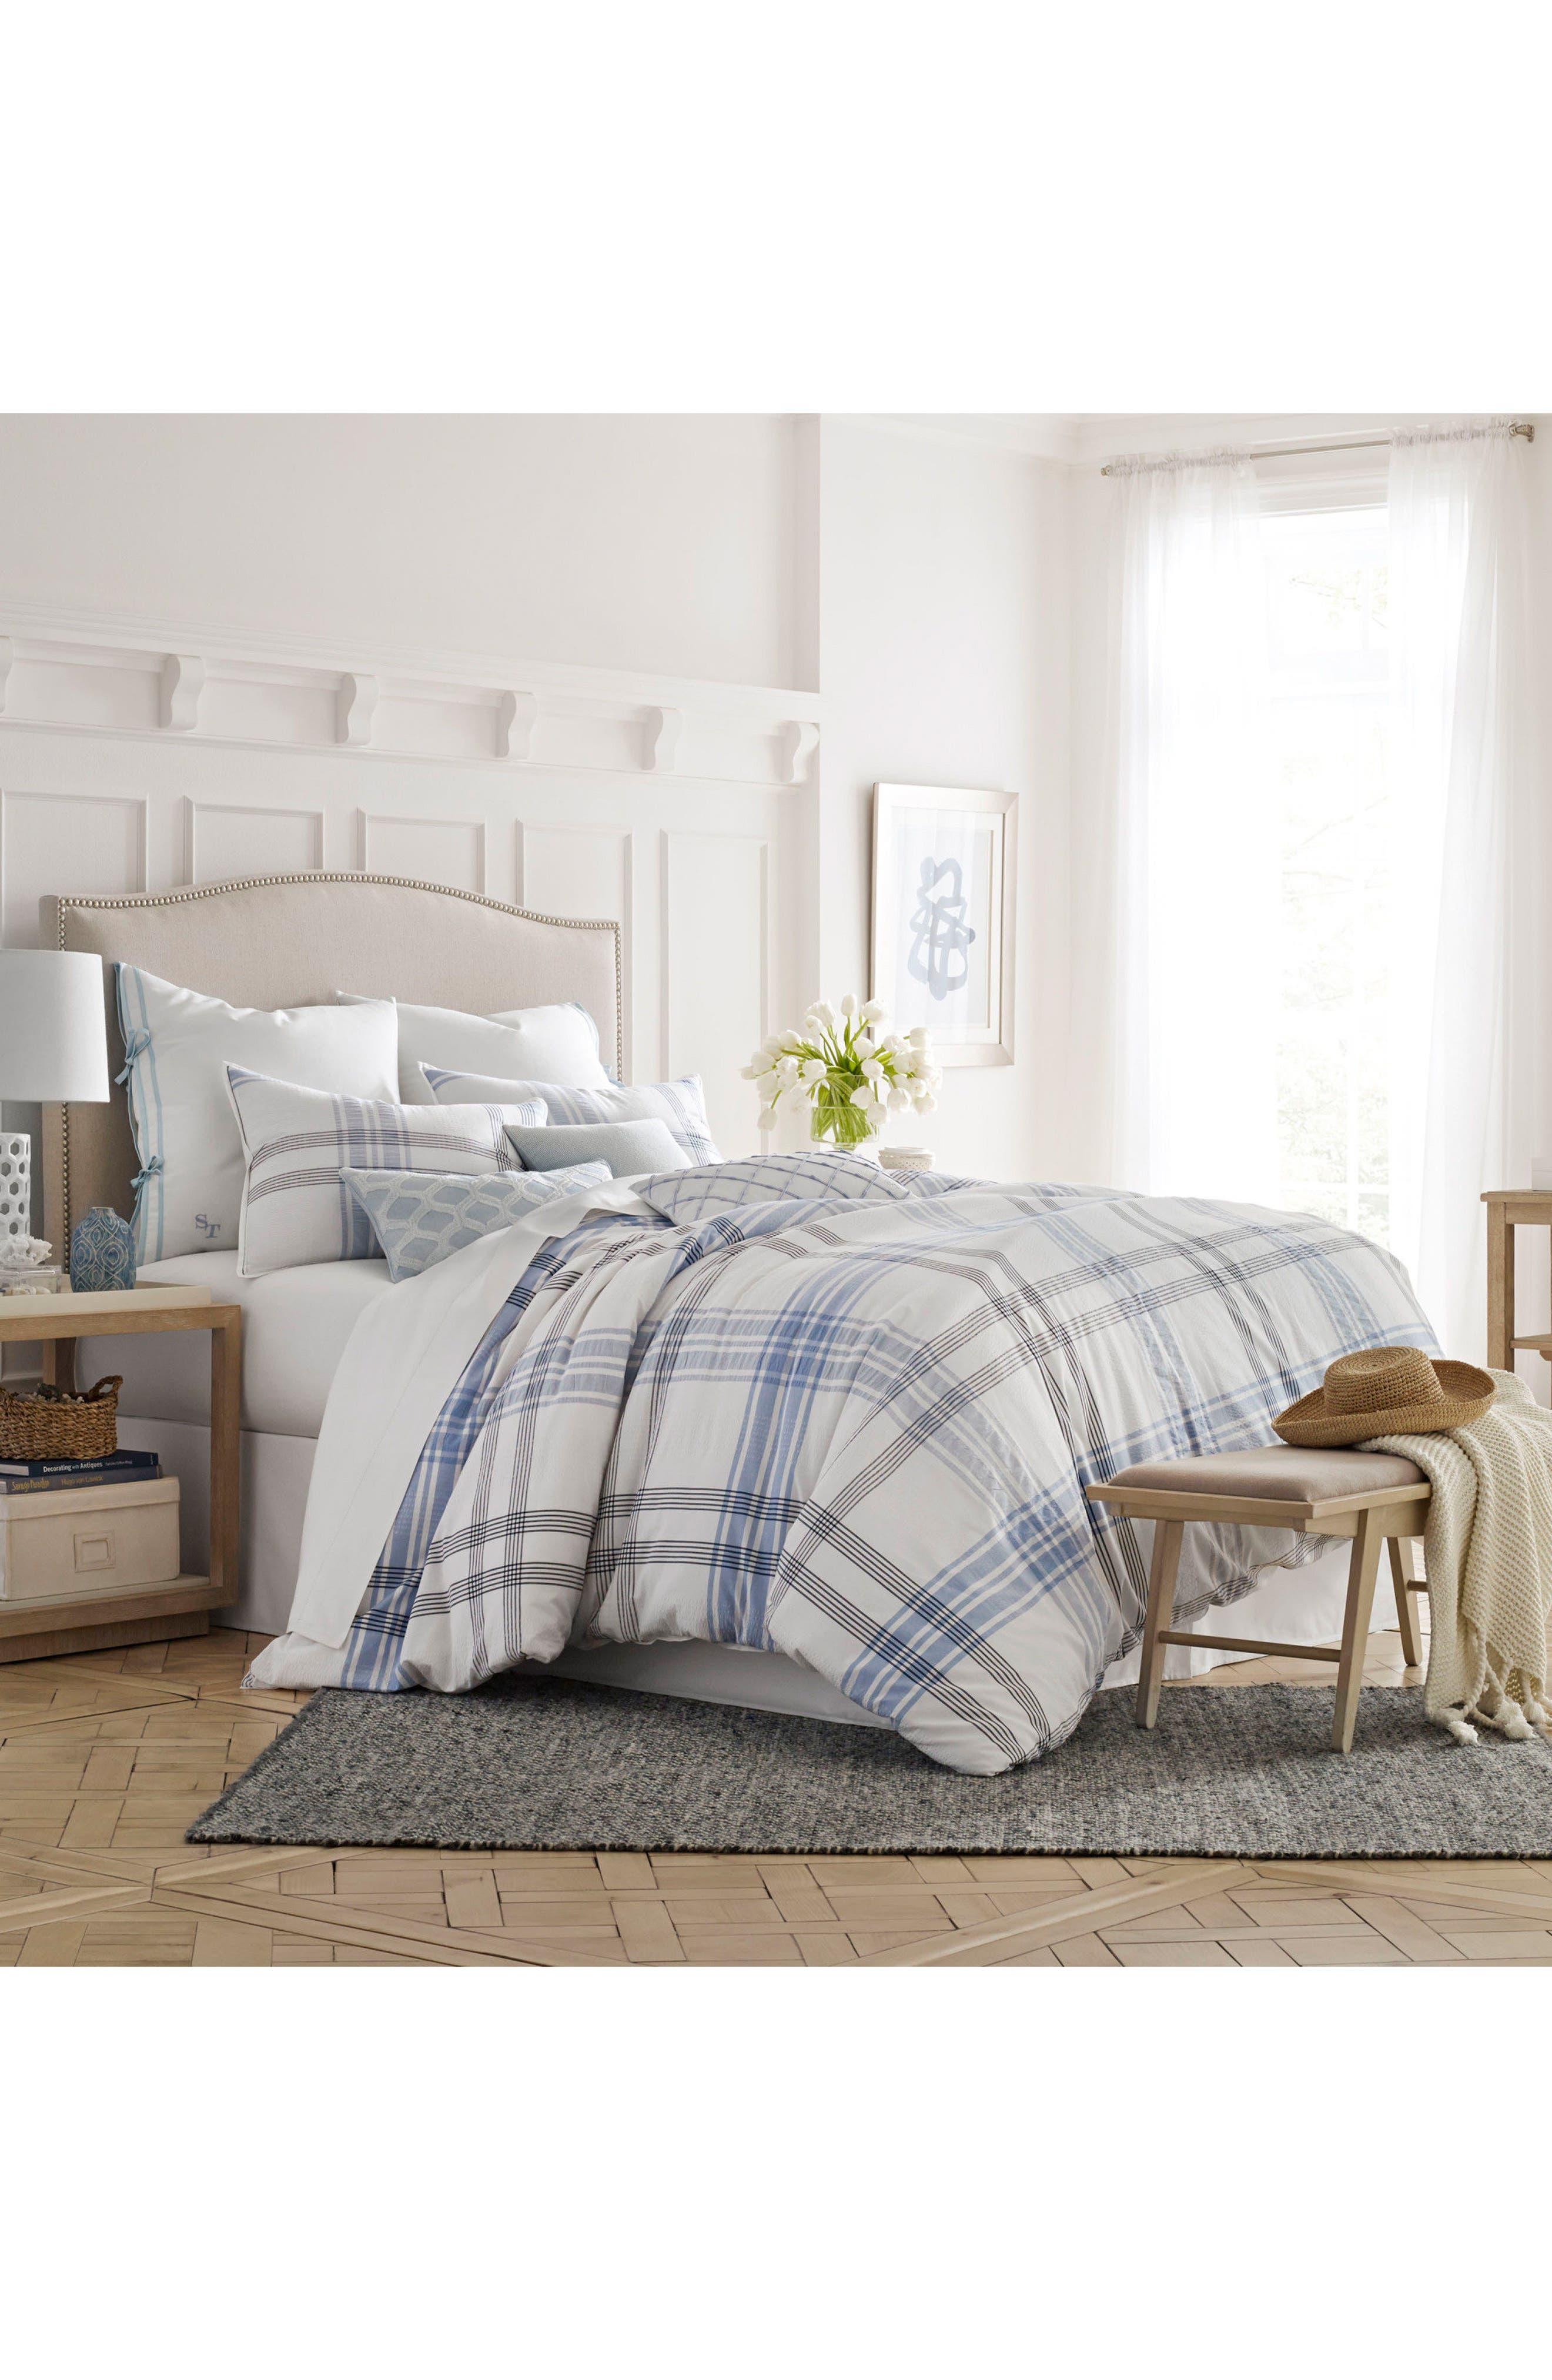 Sea Breeze Comforter & Sham Set,                             Main thumbnail 1, color,                             White Multi